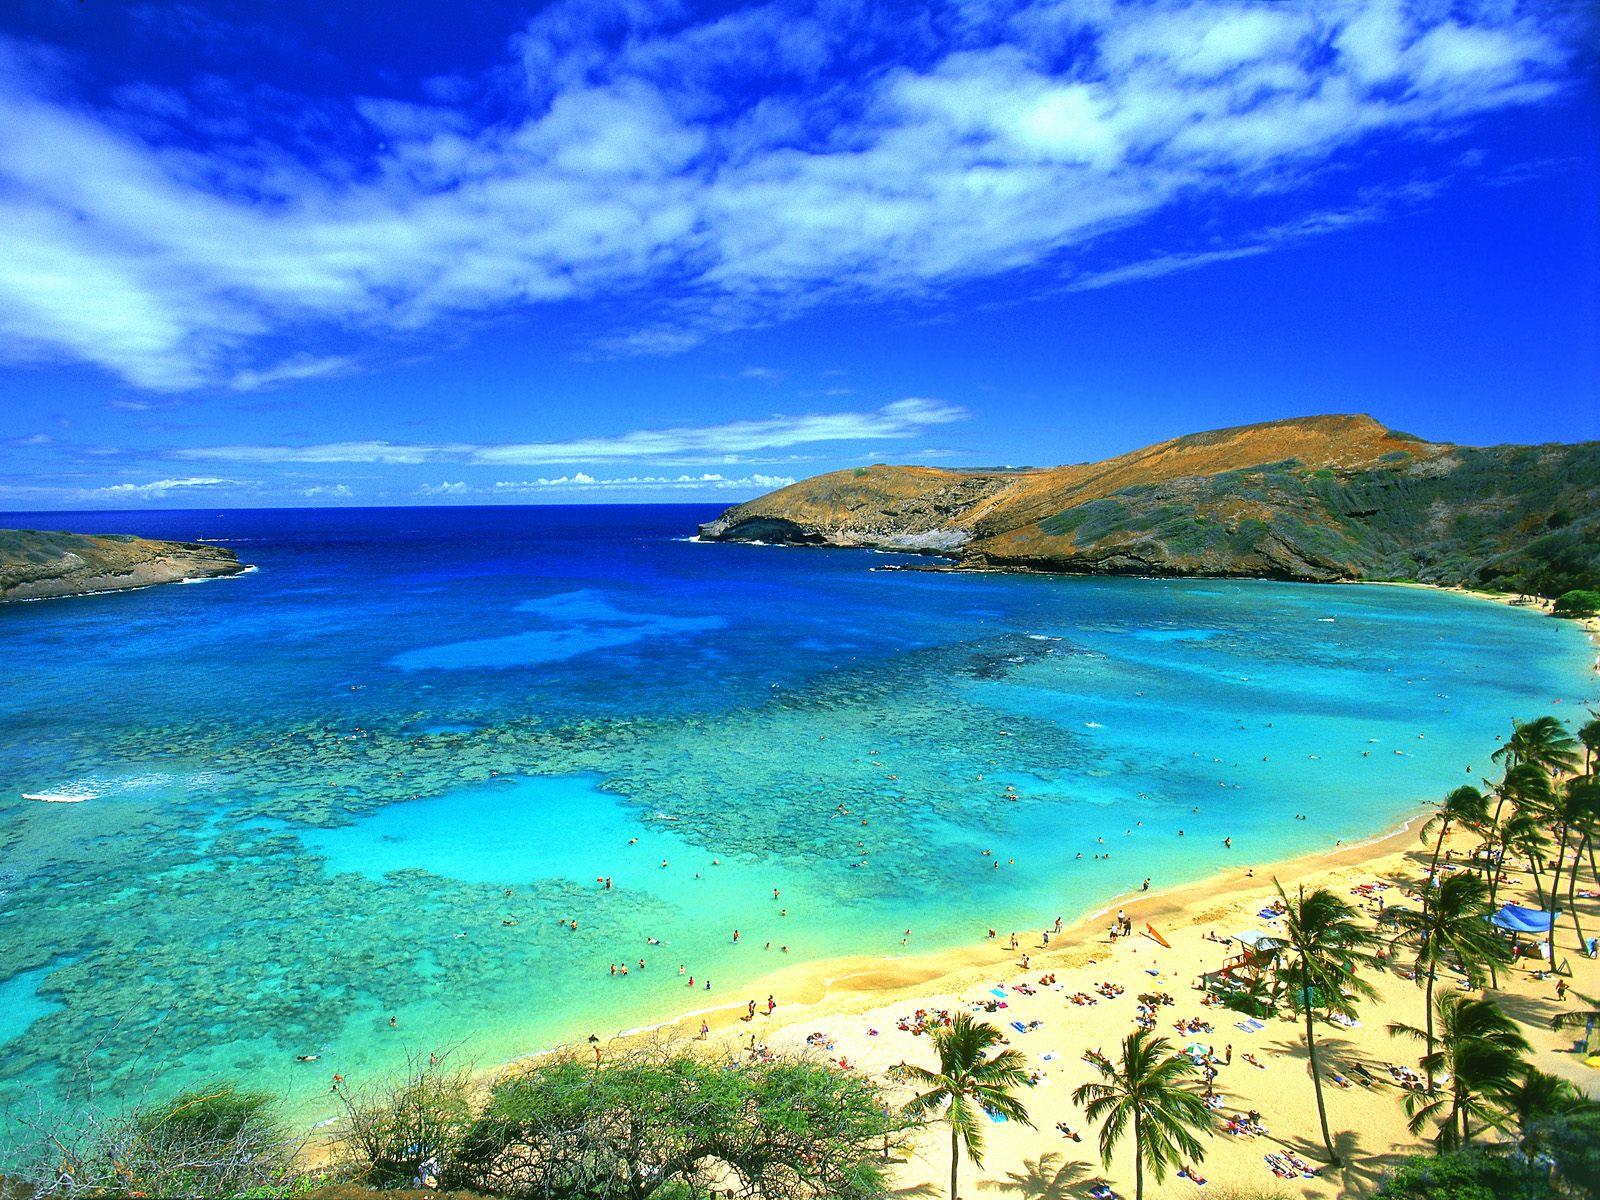 http://3.bp.blogspot.com/_6Ks7mquN8BQ/TMQJb-Y14RI/AAAAAAAAARs/mk7nm9fg53o/s1600/hanauma-bay-oahu-hawaii.jpg